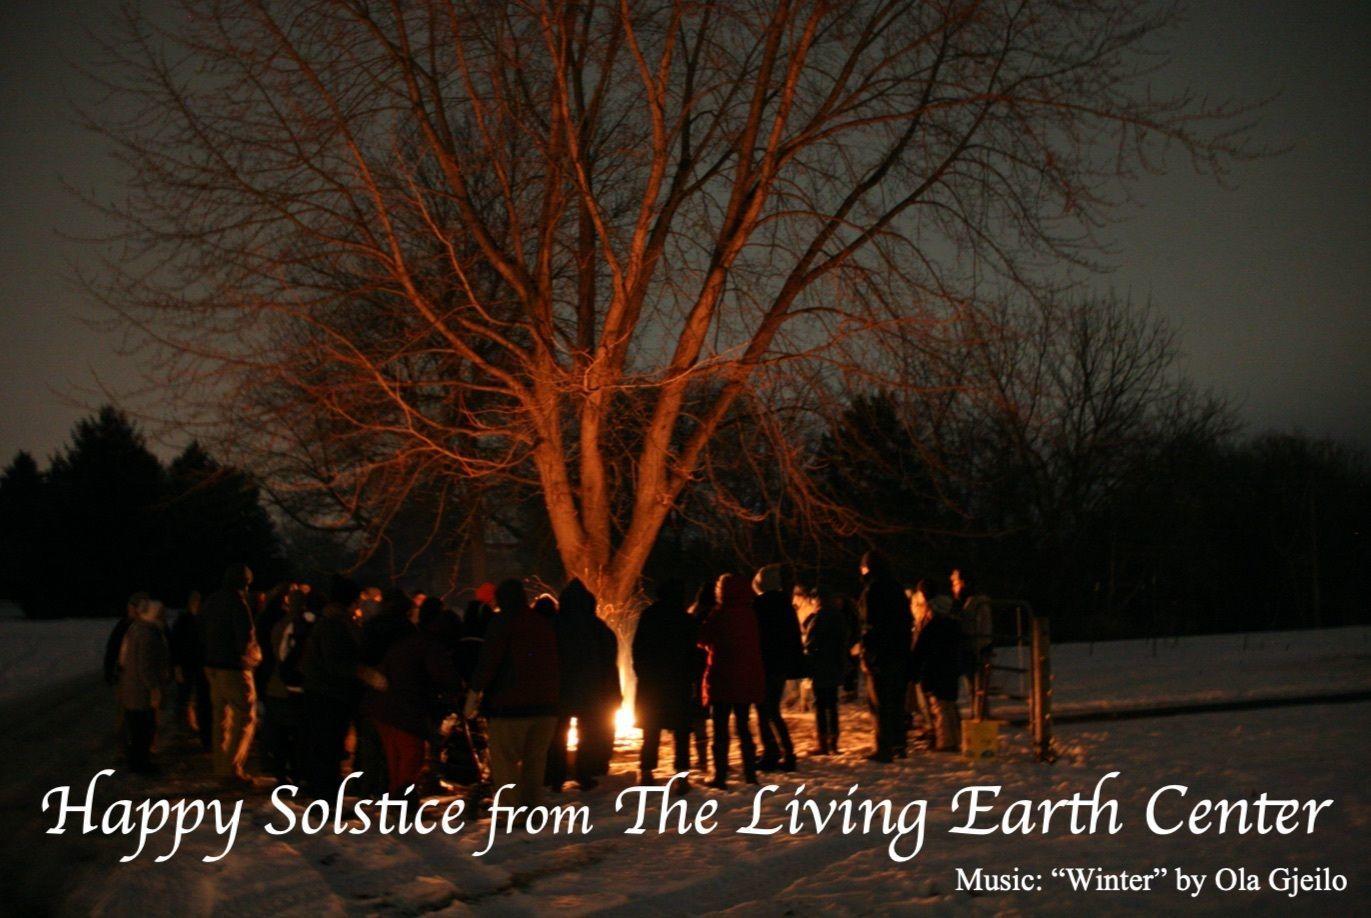 LEC Holds Online Winter Solstice Celebration